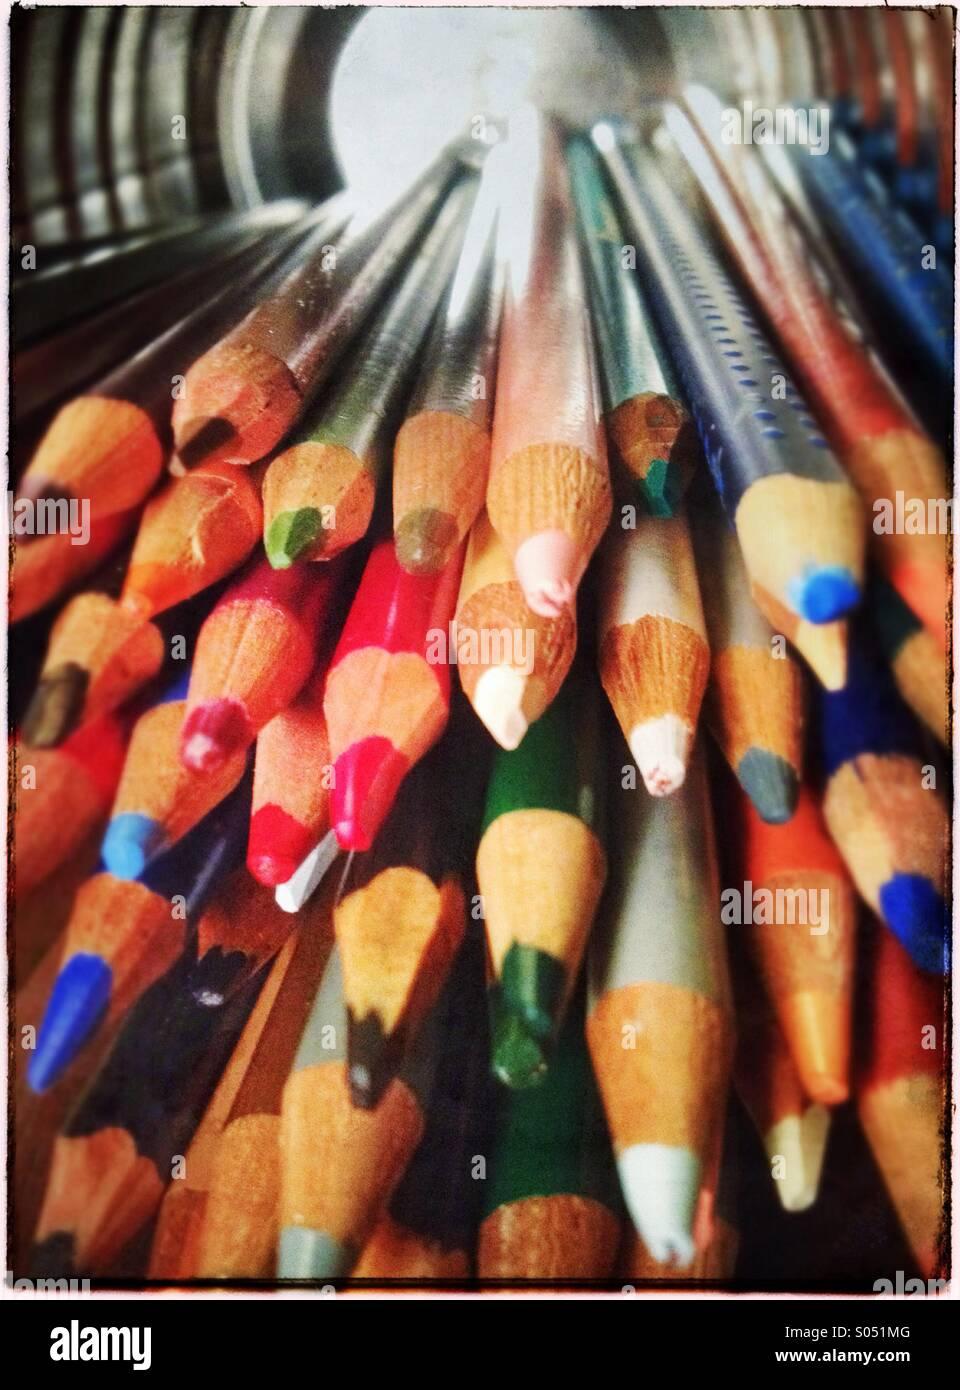 Raccolta di matite colorate in barattolo di latta sul suo lato Immagini Stock